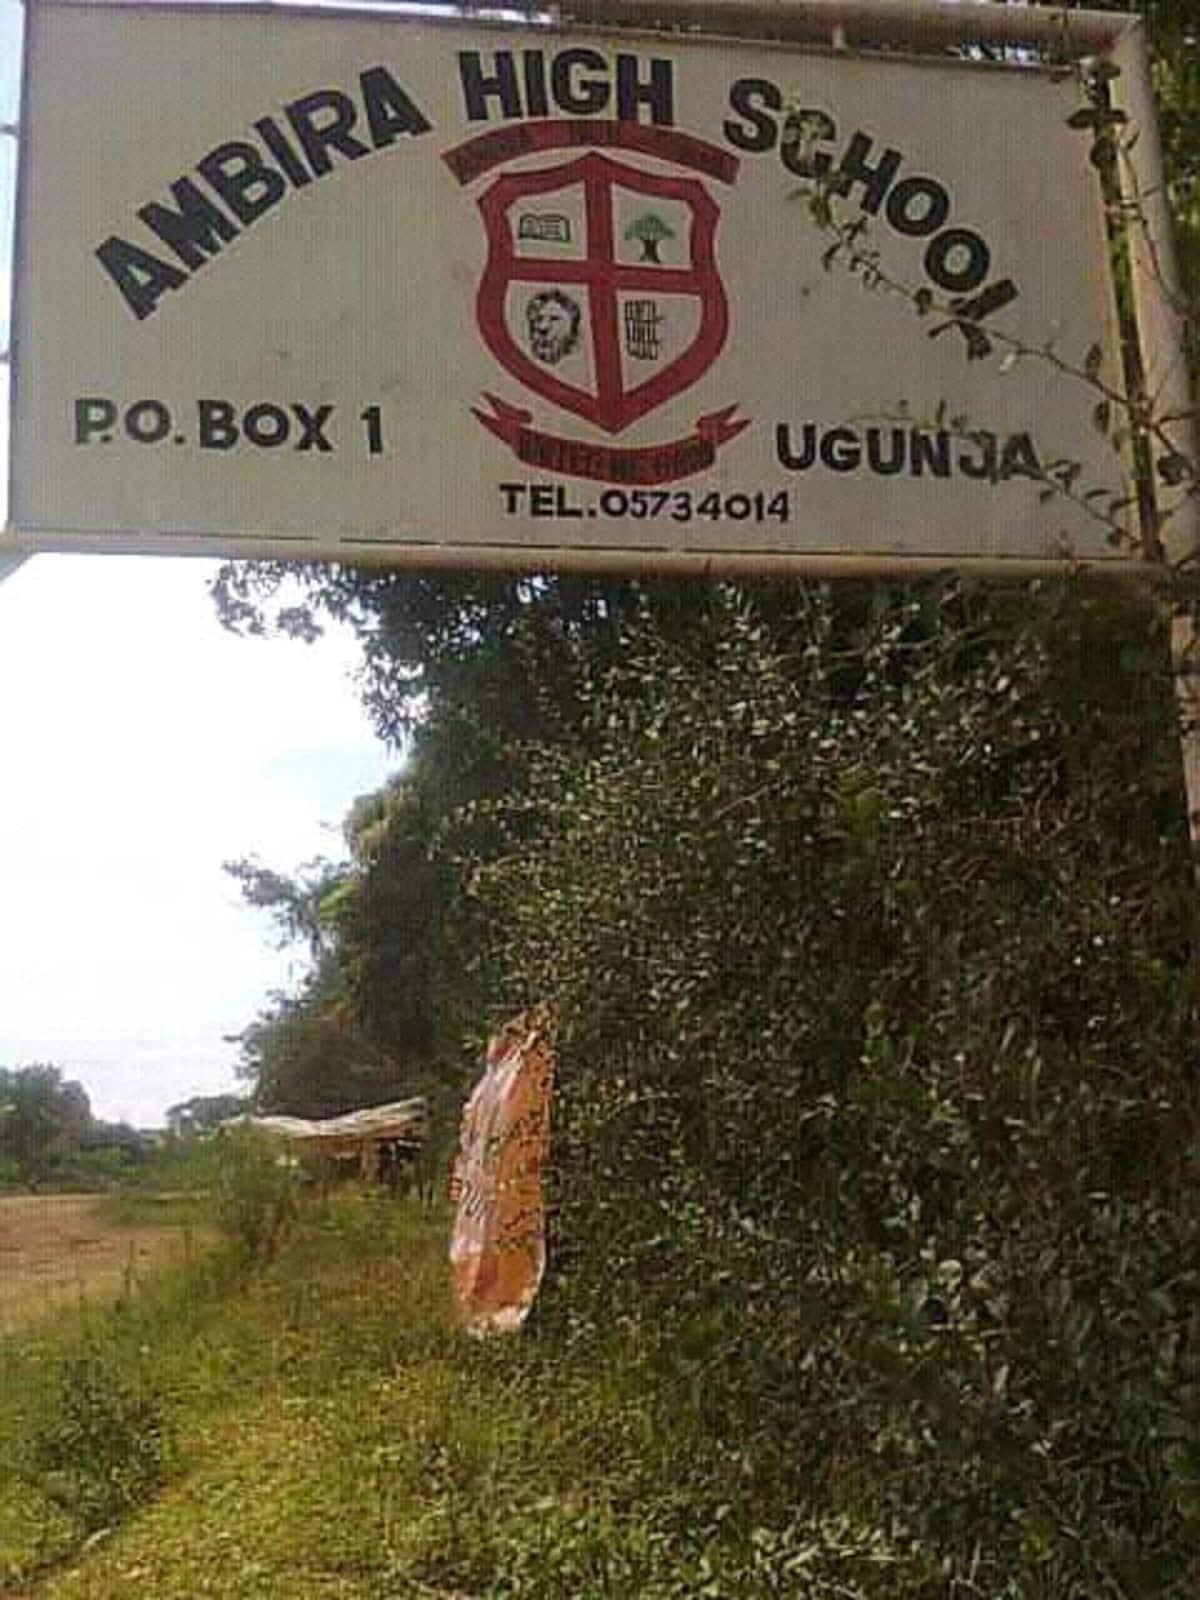 Watahiniwa 8 wa Ambira Boys waliowatusi mawaziri wa Uhuru kuzuiliwa kwa siku 7